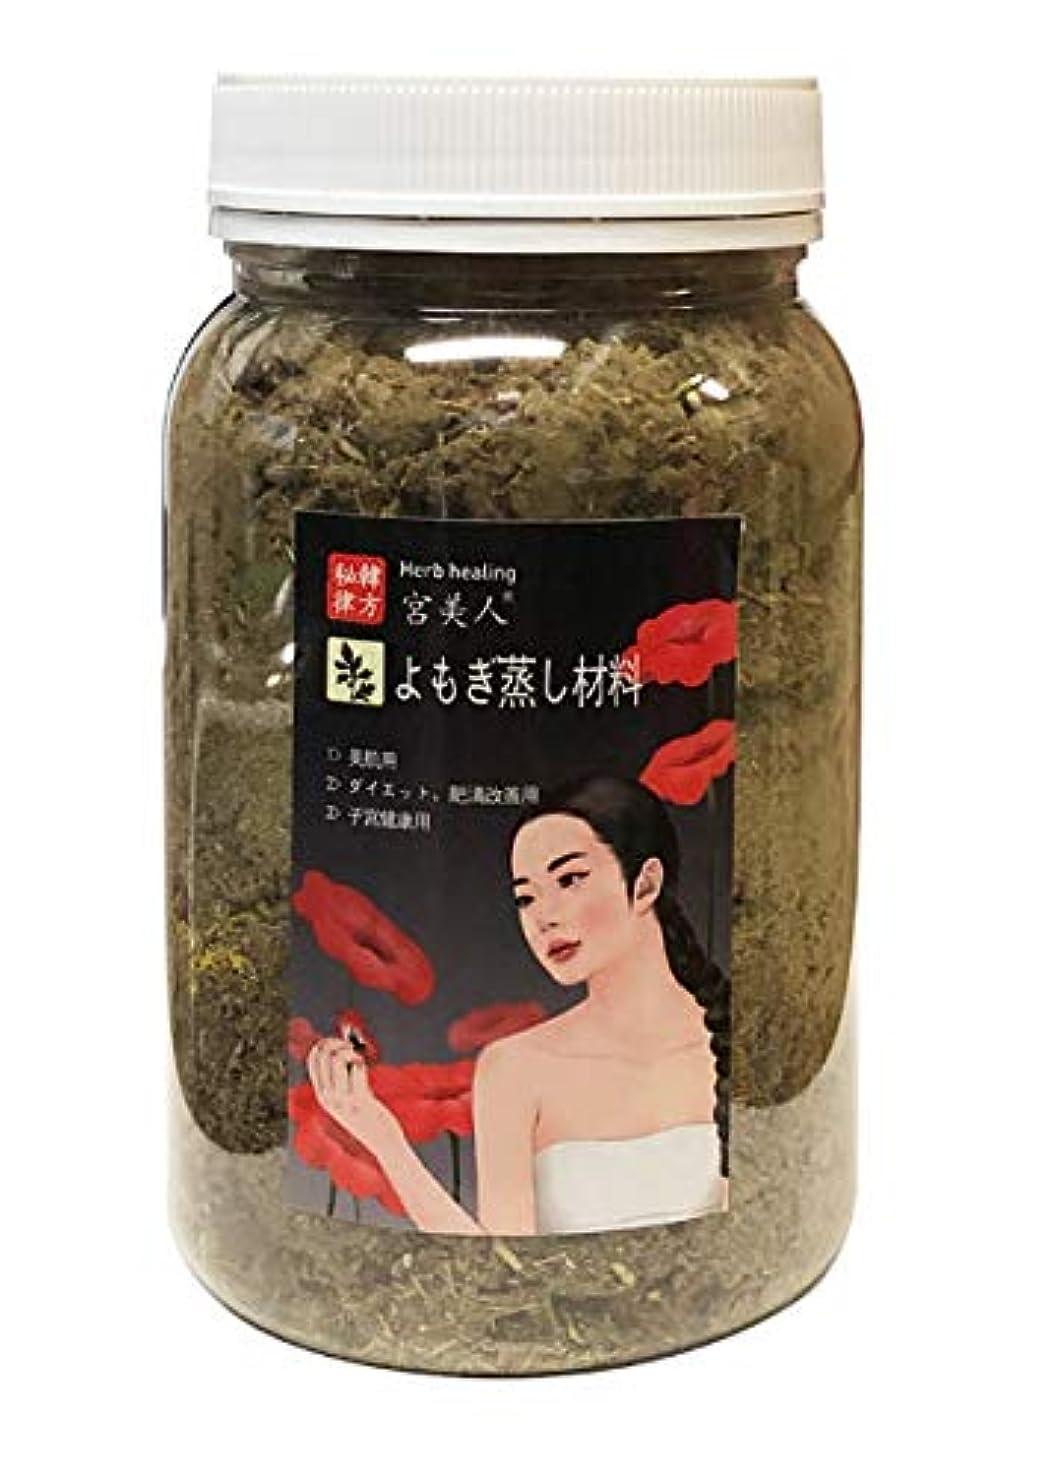 変数どこにも病んでいる韓方草ヨモギなど8種類の粉末、ヨモギ蒸し粉末材料 子宮健康管理用230グラム